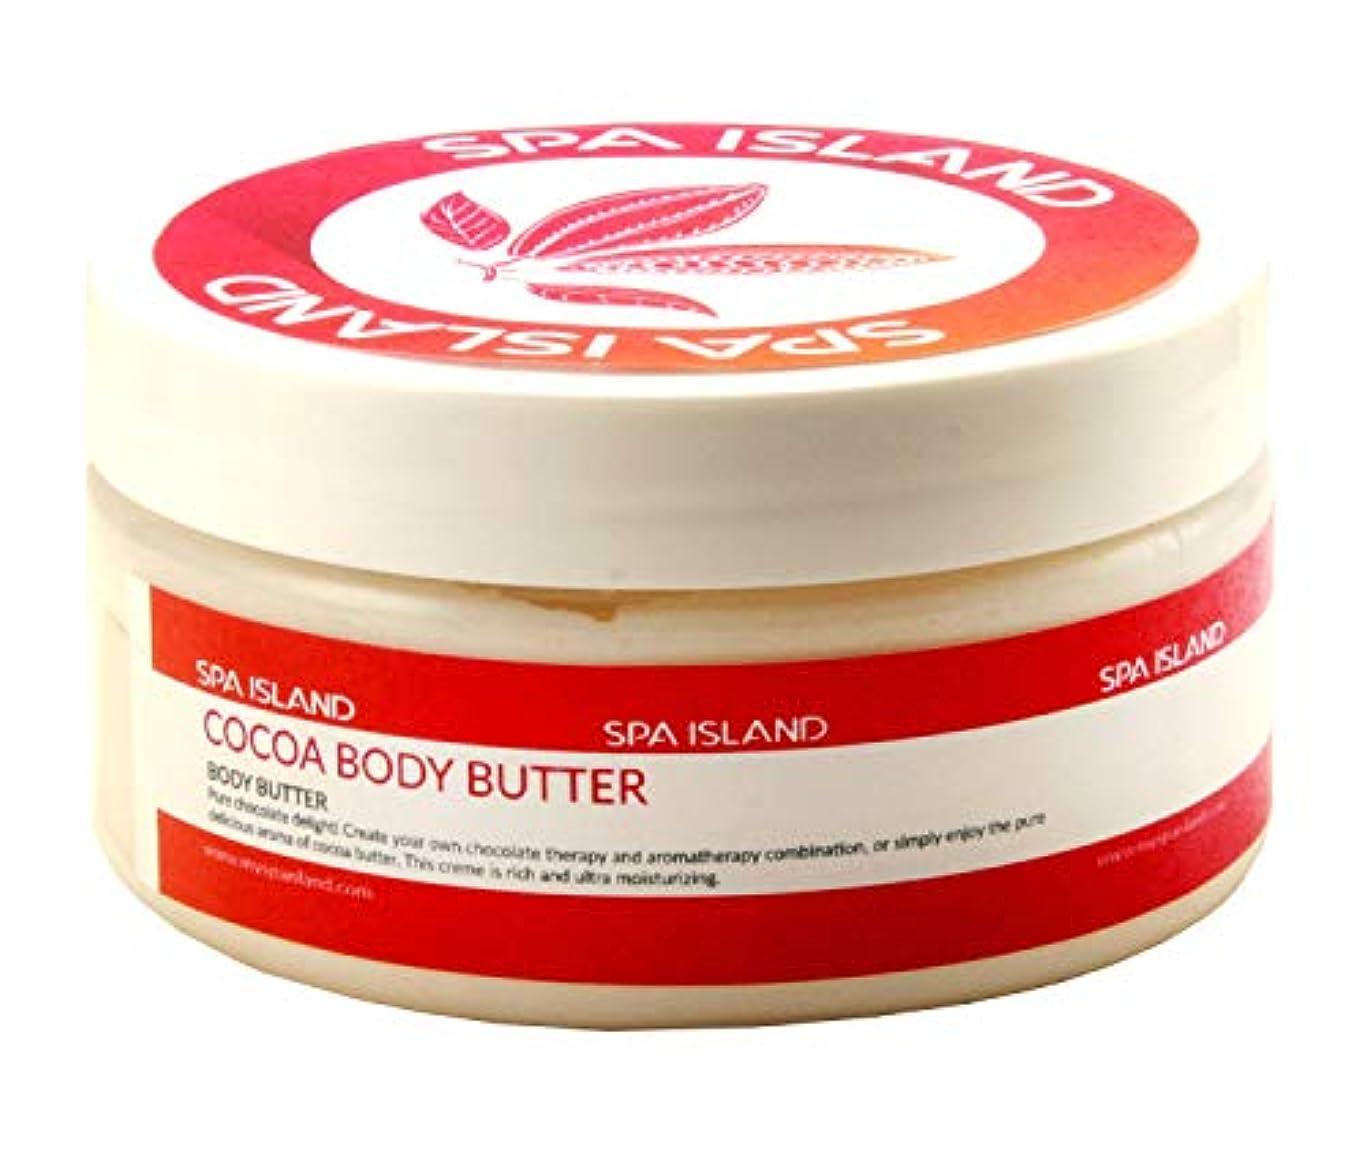 雇った微視的マーティフィールディングSpa Island 5.7oz Body Butter Cream Variety Pack (Cocoa, Mango Lime, Calming Lavendar) - Pack of 3